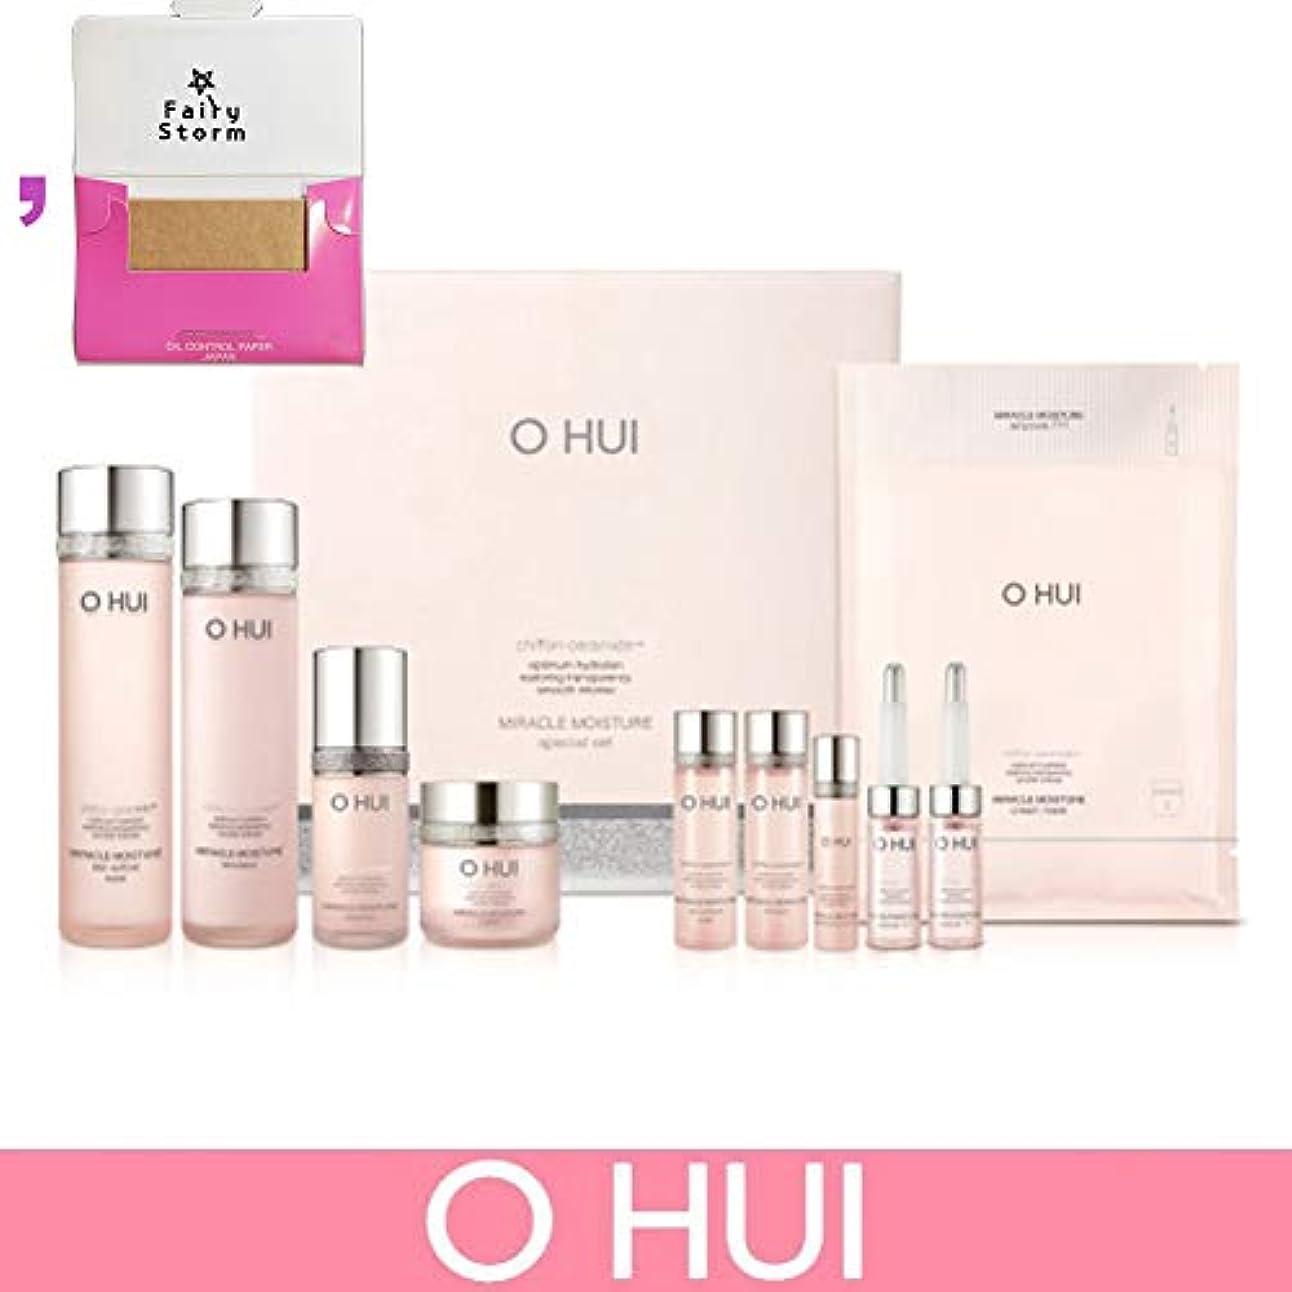 フィードうめき声害虫[オフィ/O HUI]韓国化粧品LG生活健康/Miracle Moisture 4 kinds of special set/ミラクルモイスチャー 4種のスペシャルセット+[Sample Gift](海外直送品)